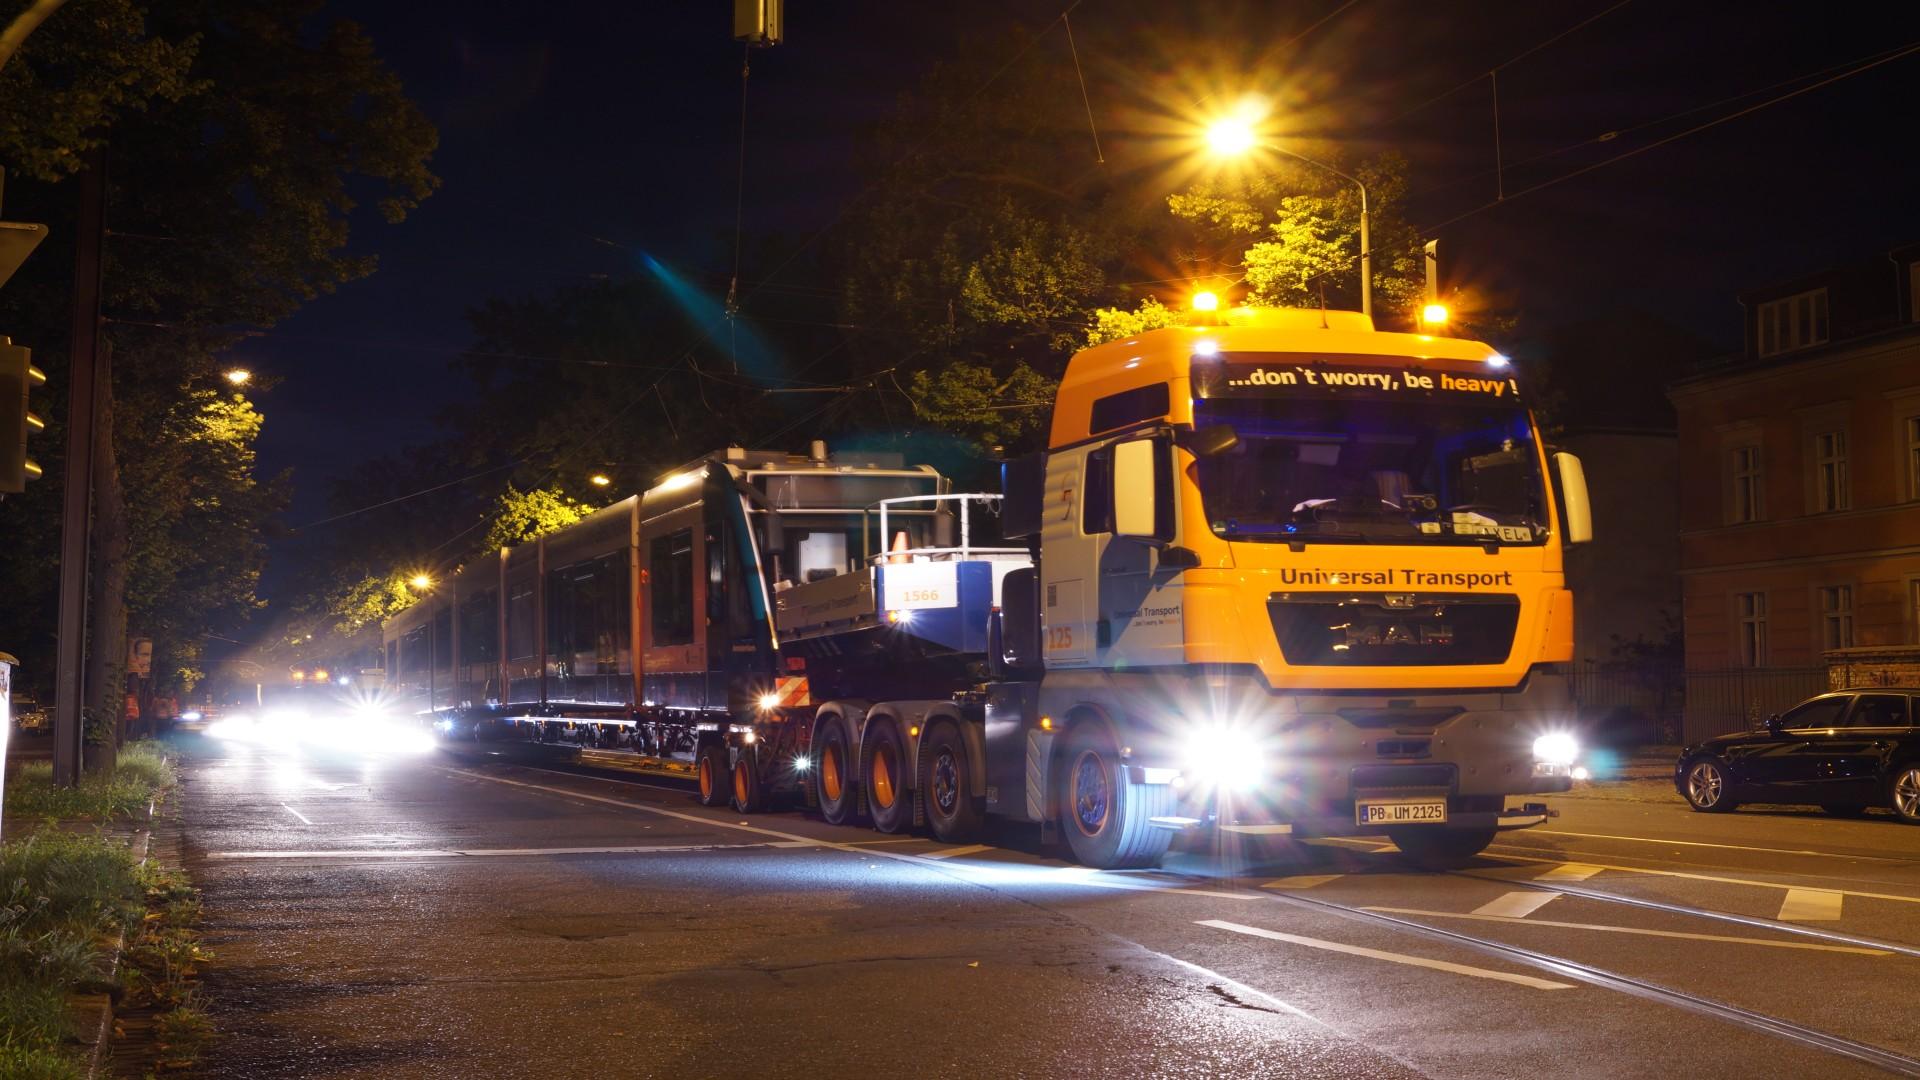 Anlieferung Combino 410 am 8.5.2017 -im Bereich Glienicker Brücke, © Ivo Köhler